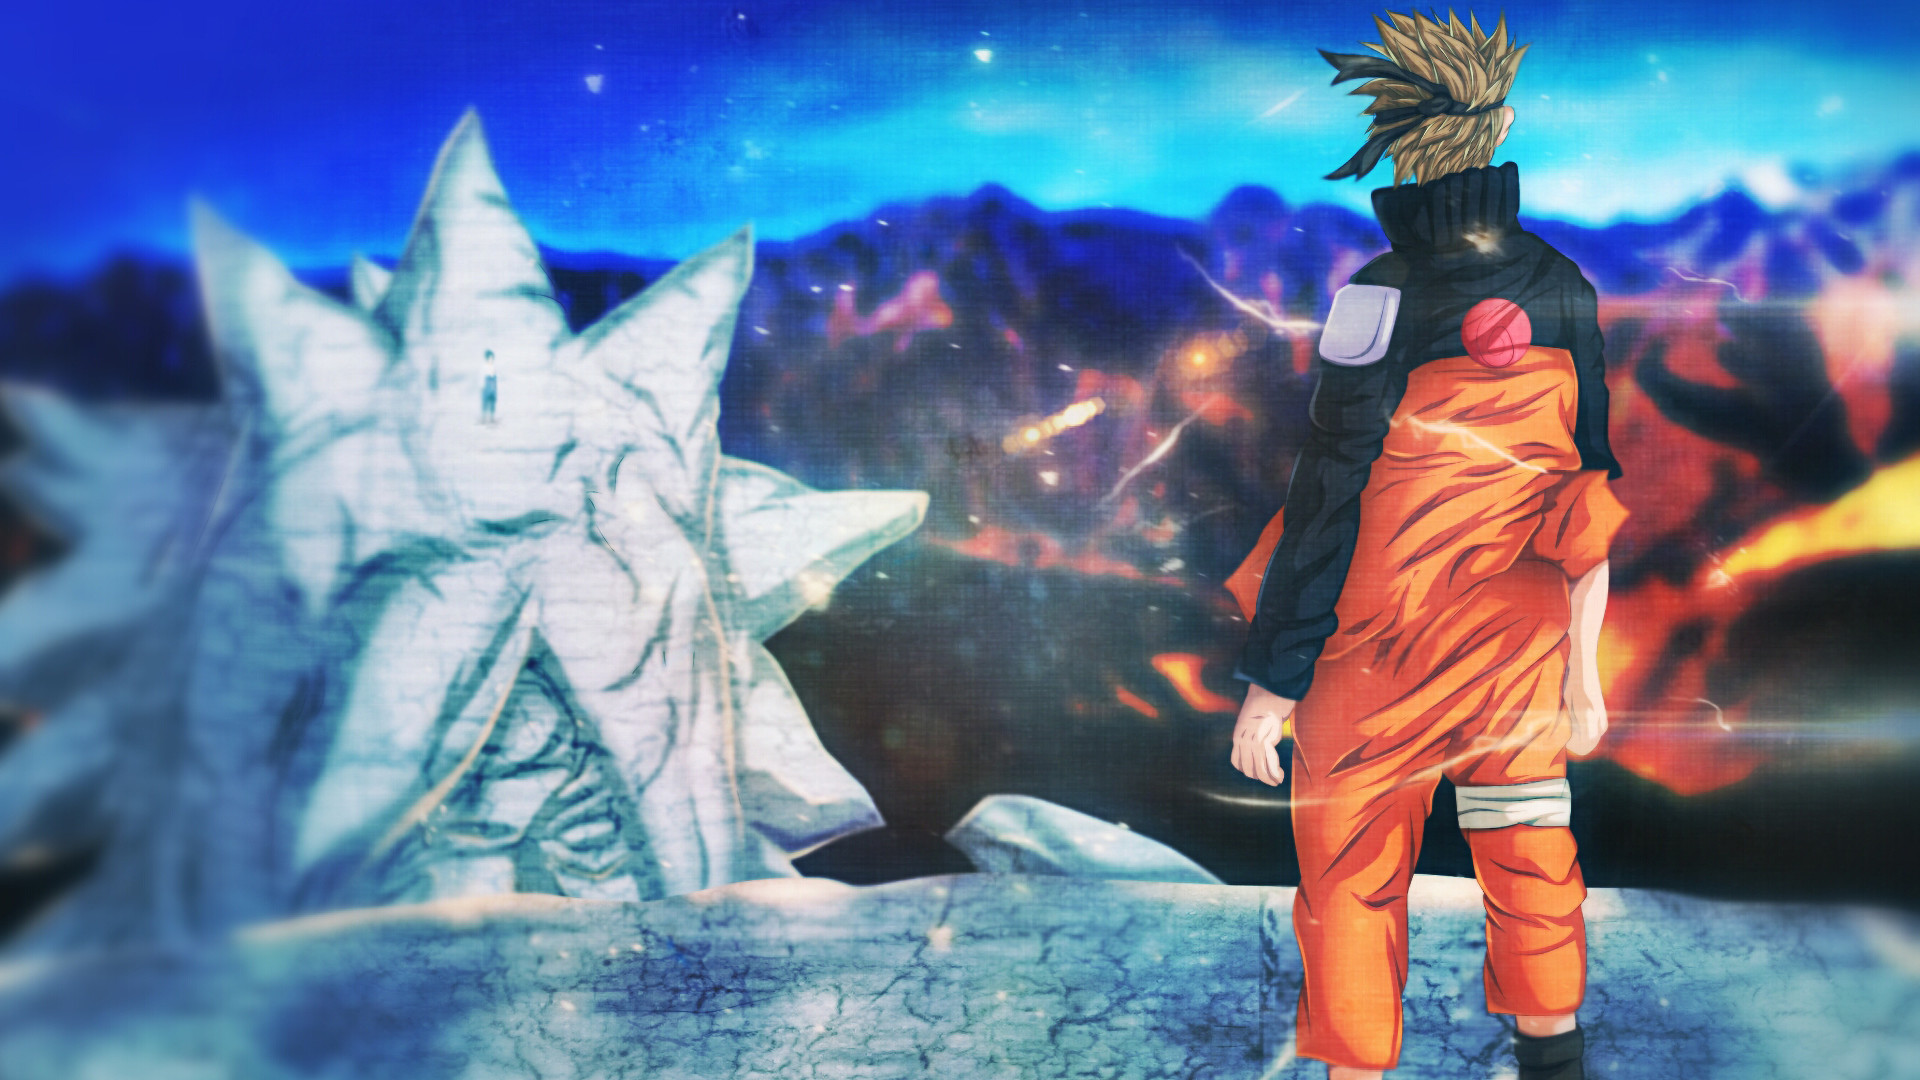 Top Wallpaper Naruto Blue - 762786-top-naruto-vs-sasuke-wallpaper-1920x1080  2018_1001865.jpg